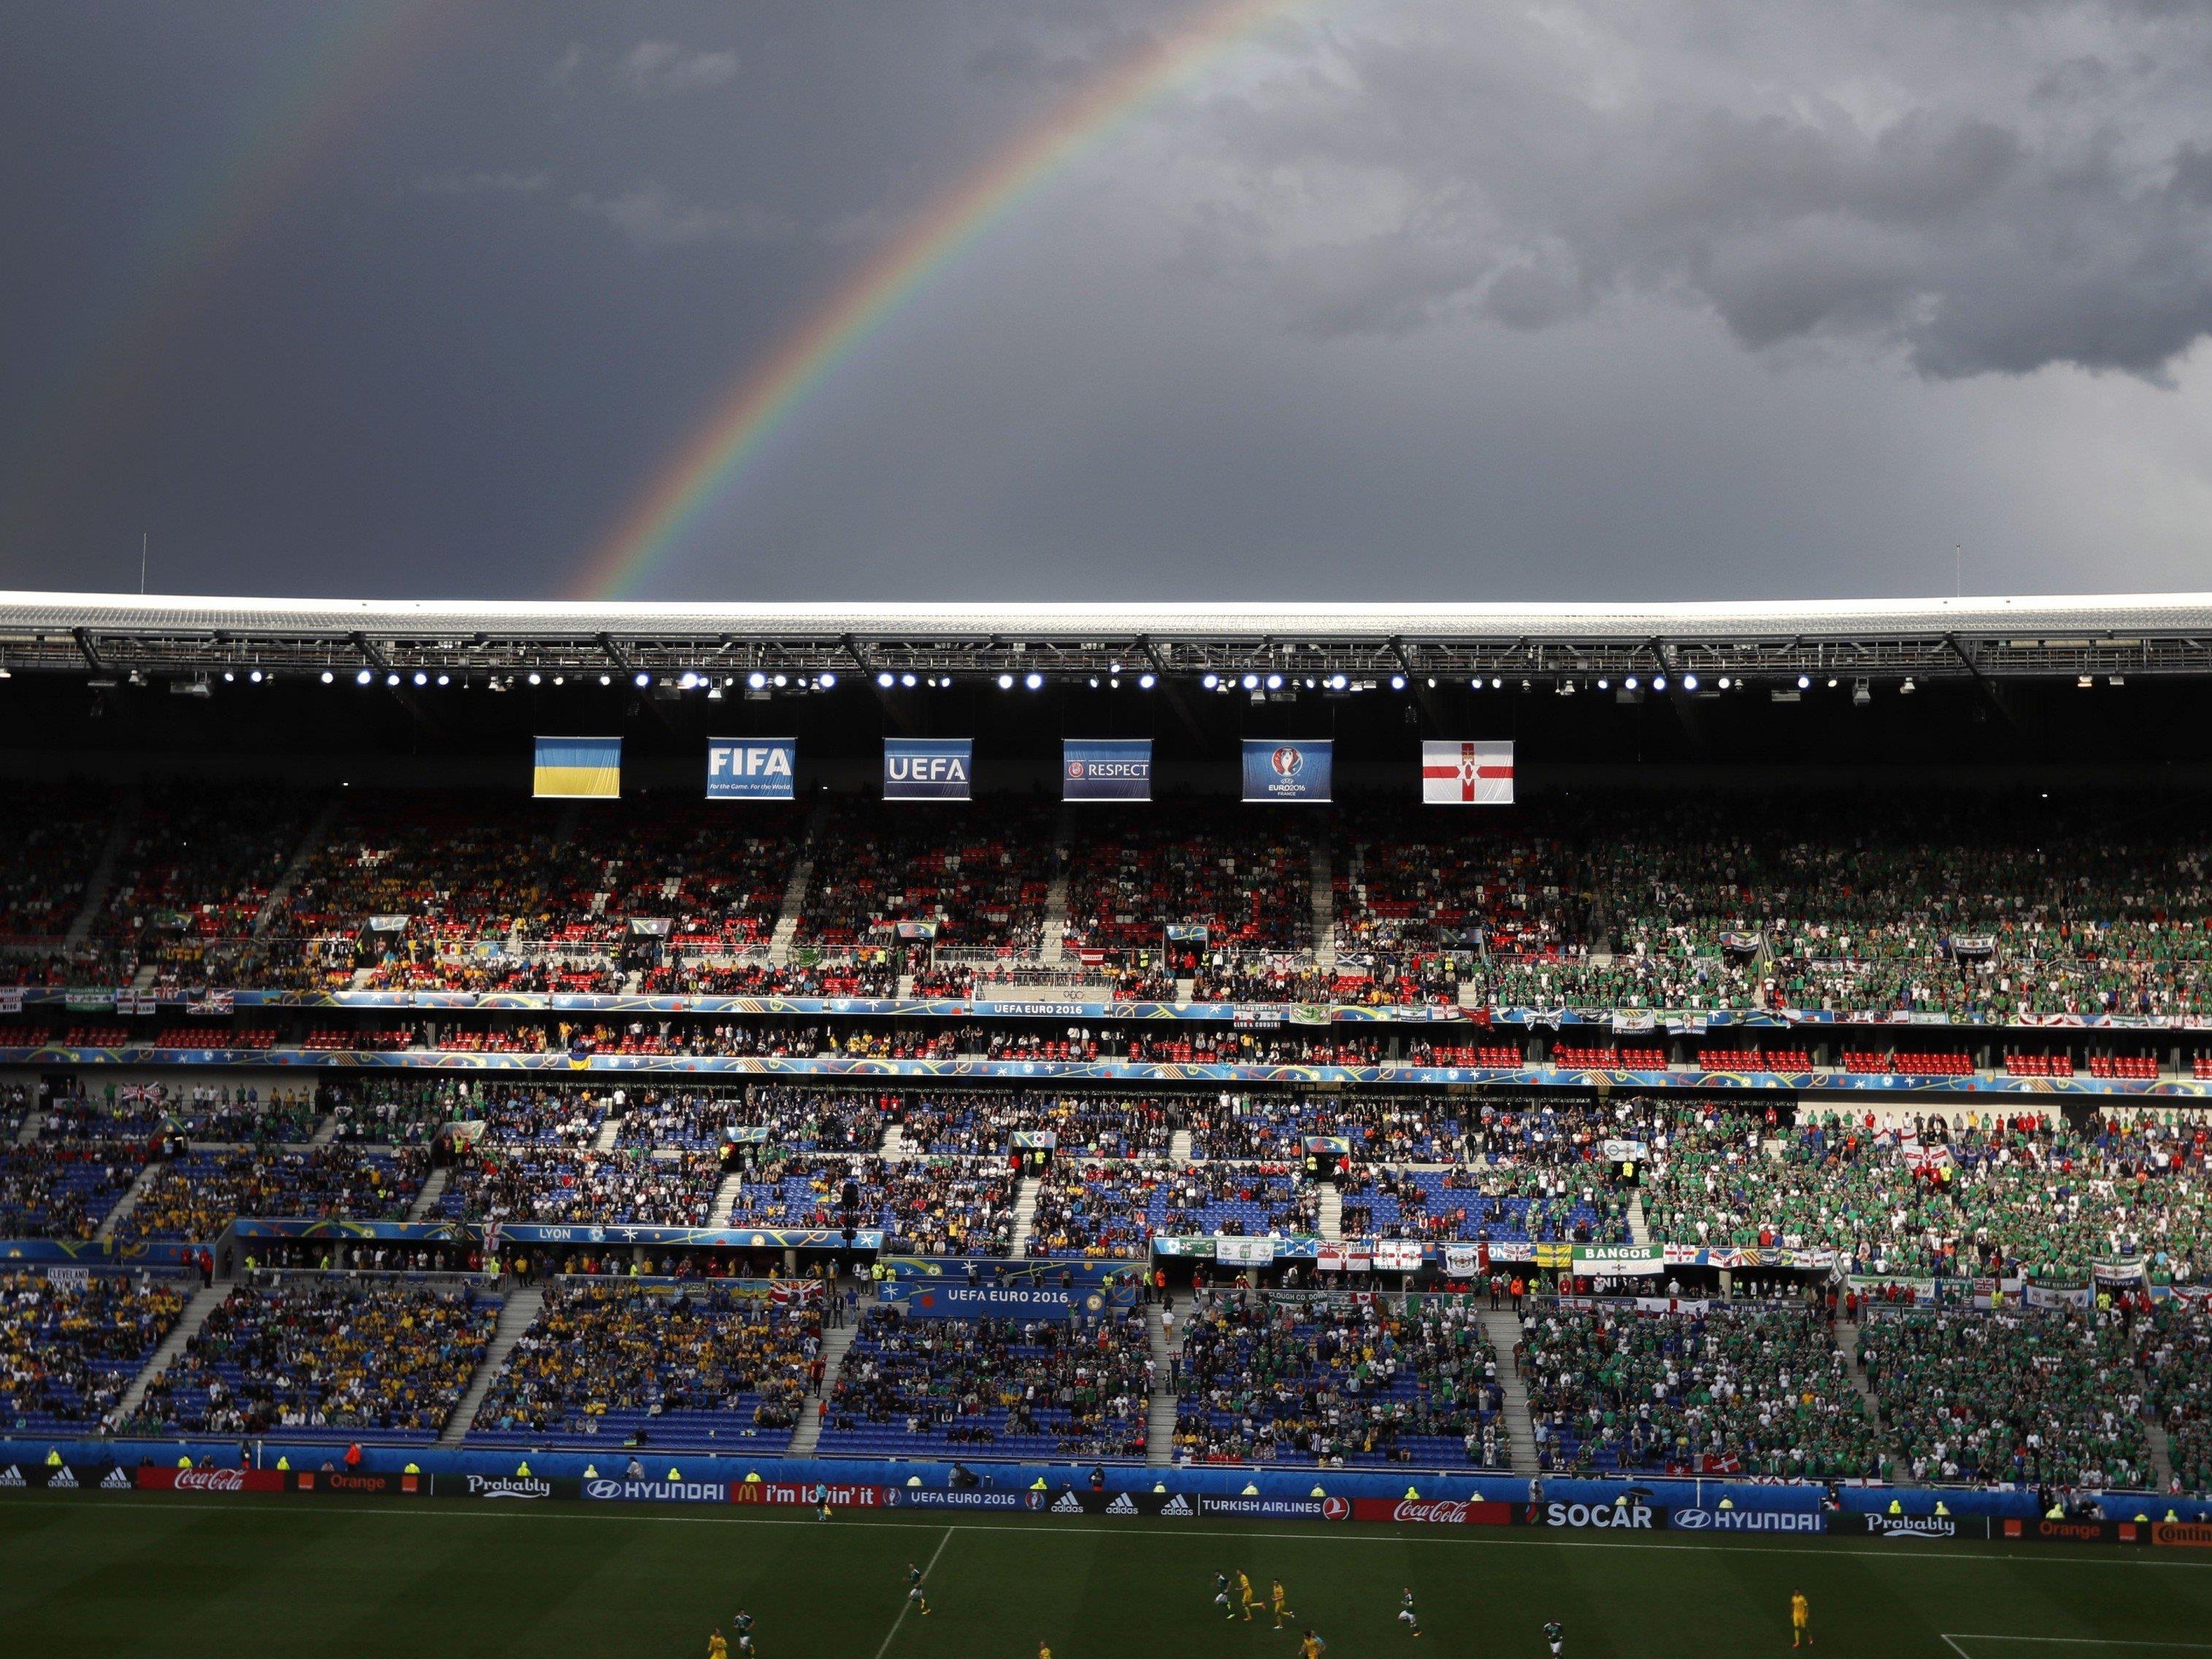 Ein 64-jähriger Nordirland-Fan verstarb im Stade de Lyons.